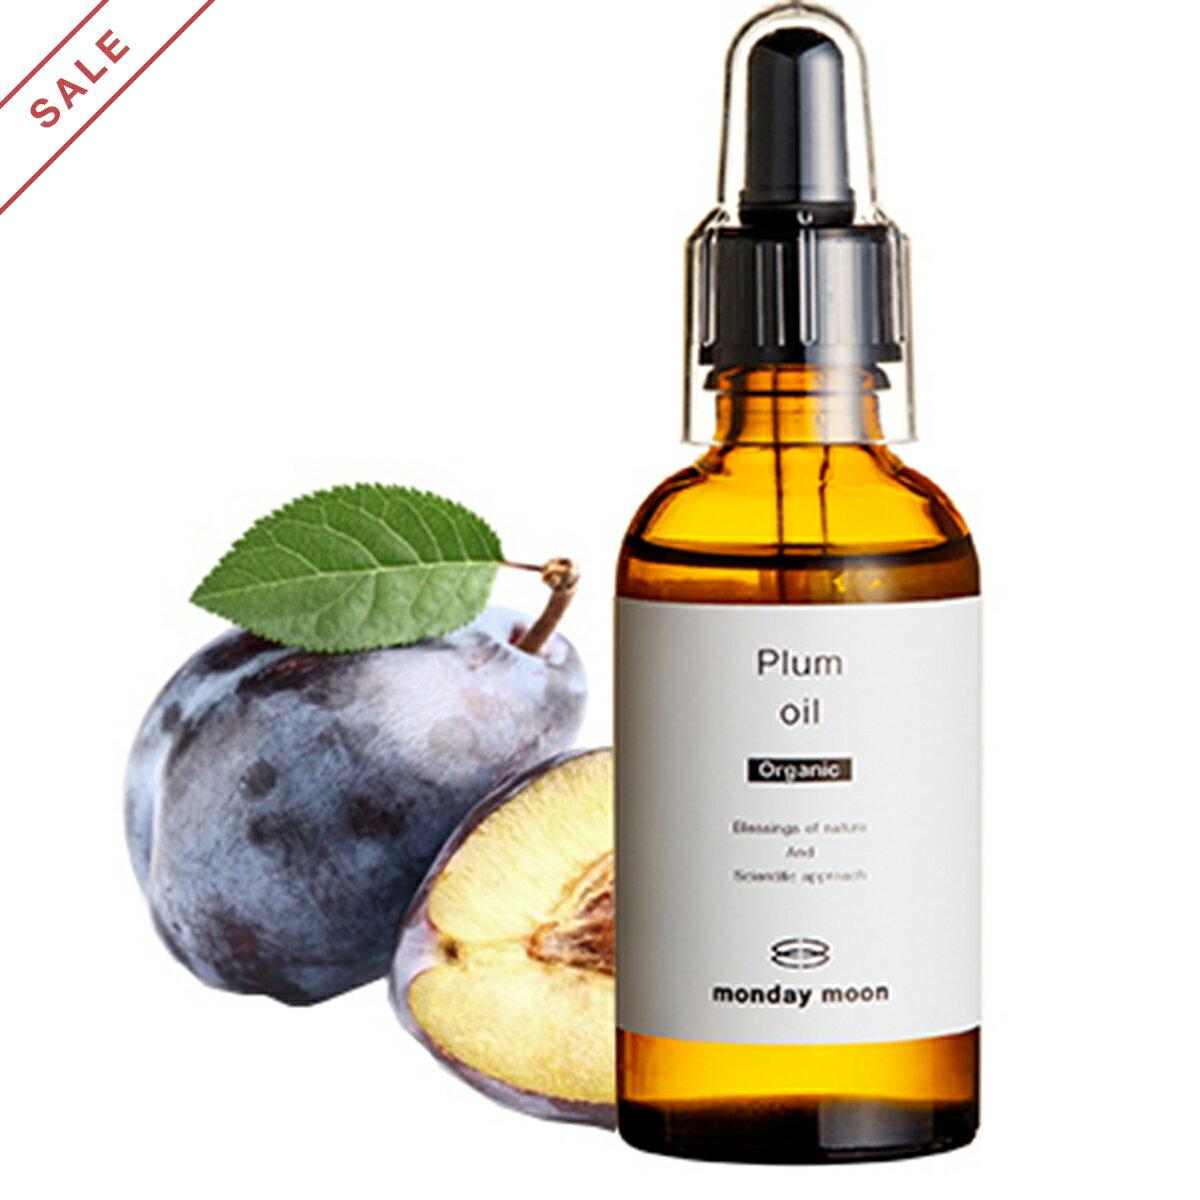 Organic & raw prune oil, Virgin, 50 ml